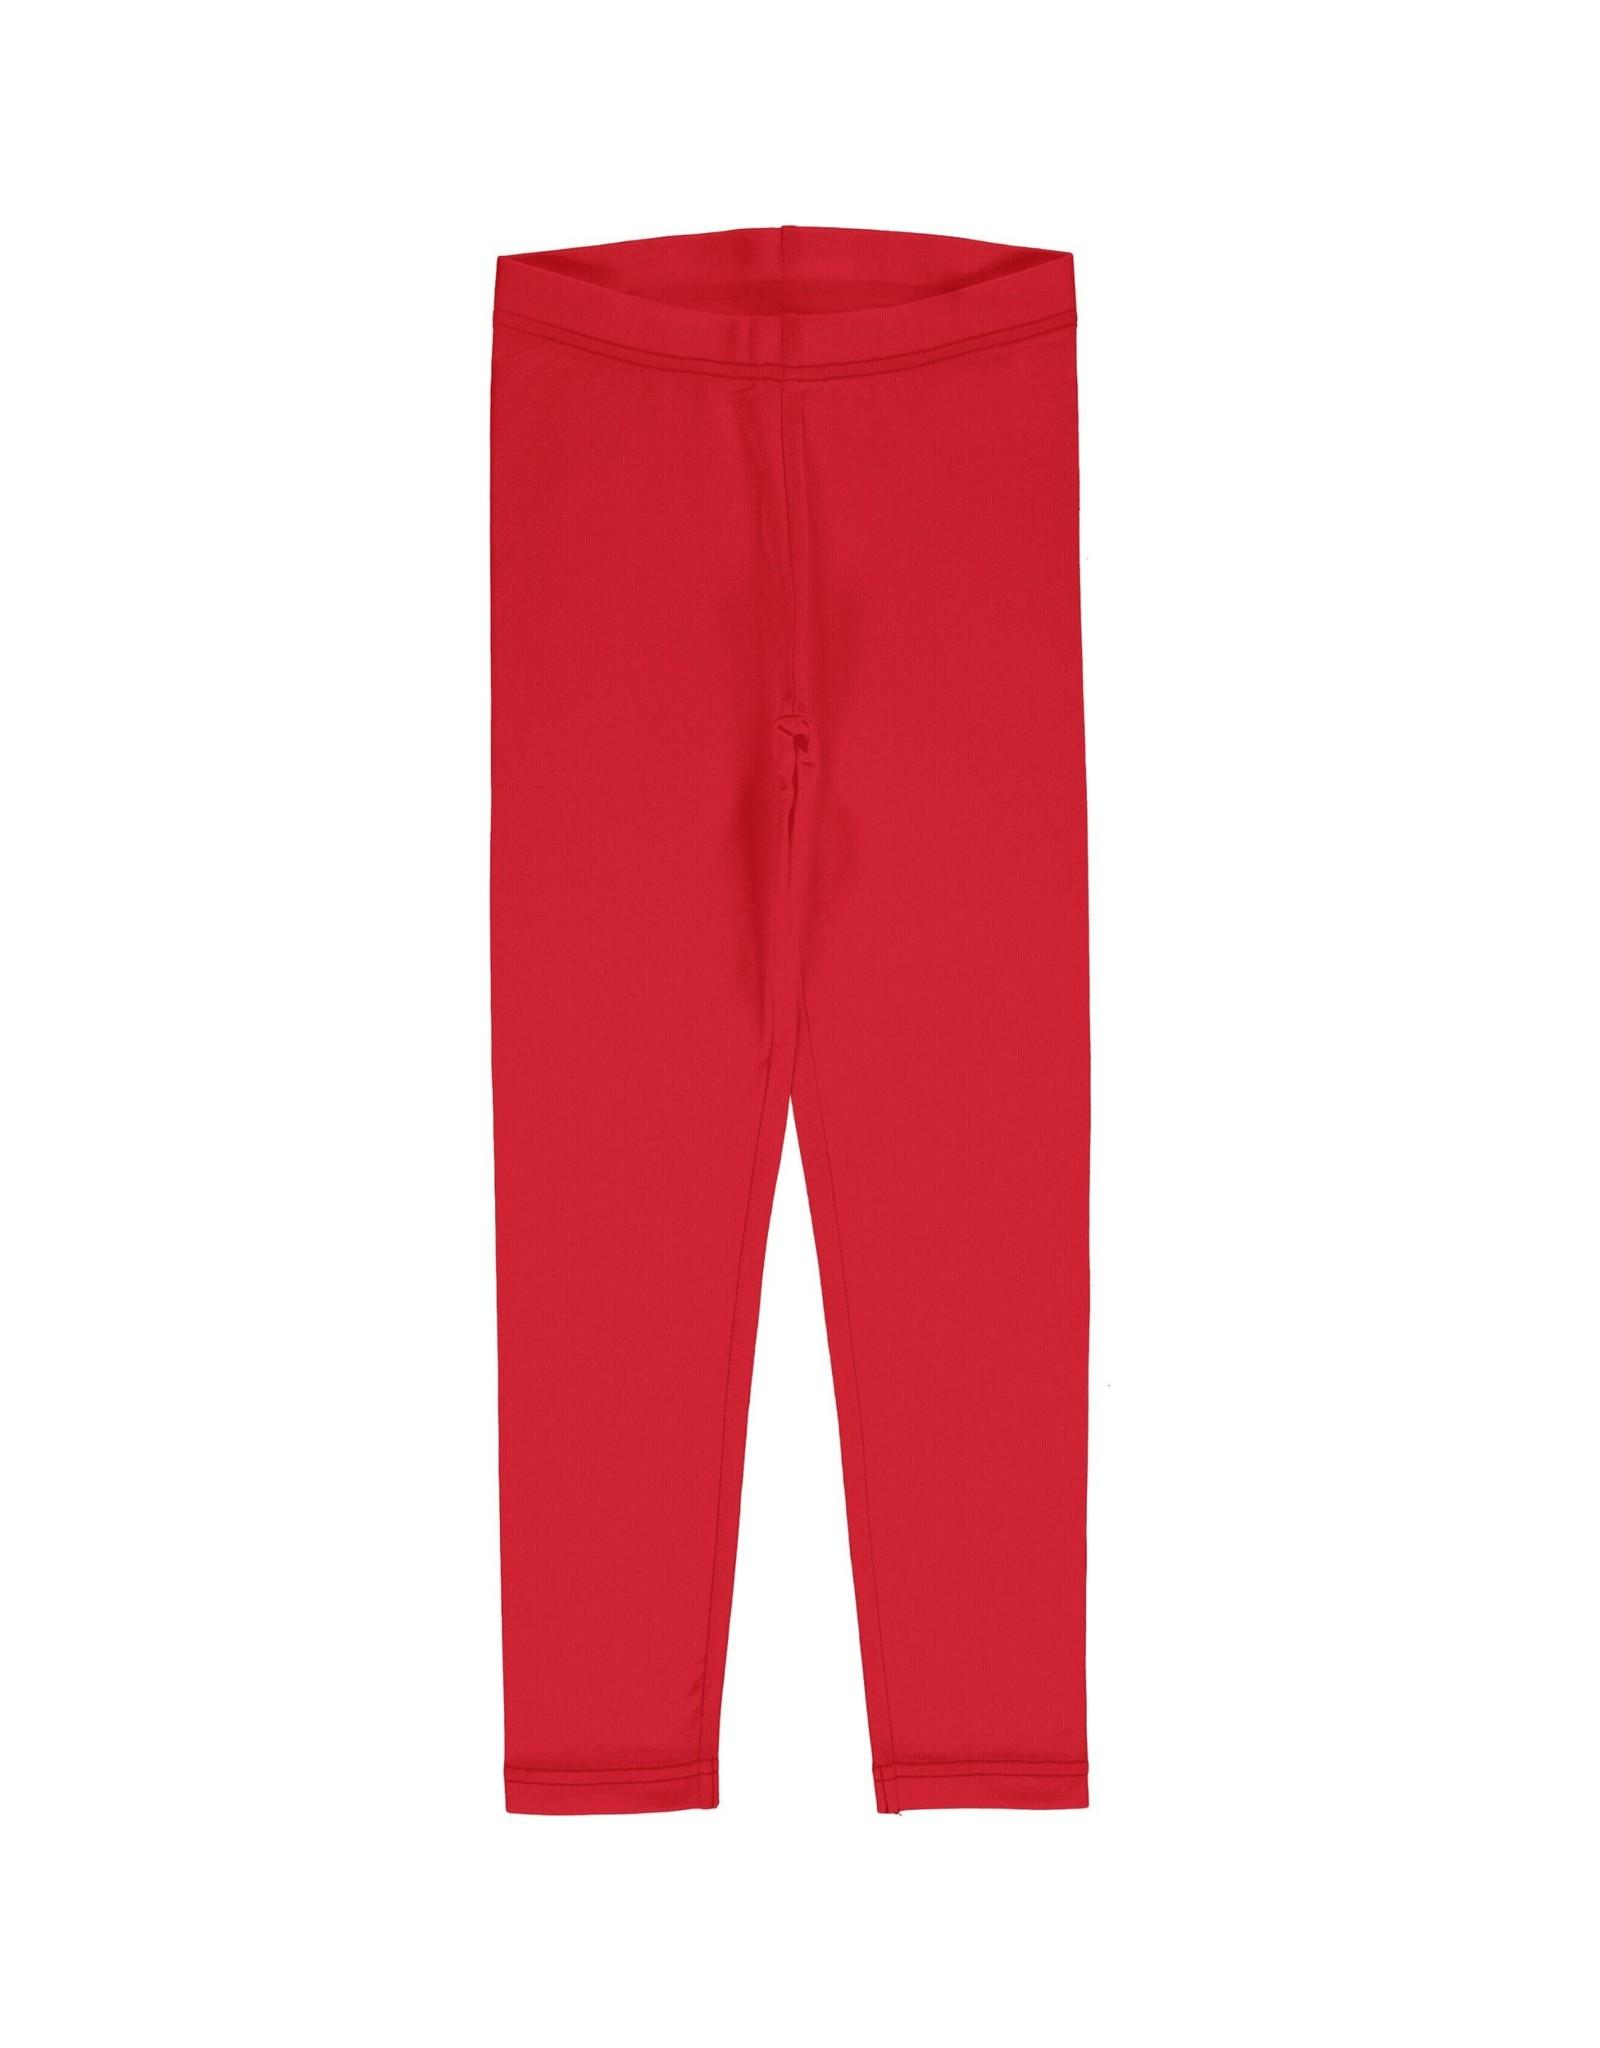 Maxomorra Leggings effen rood